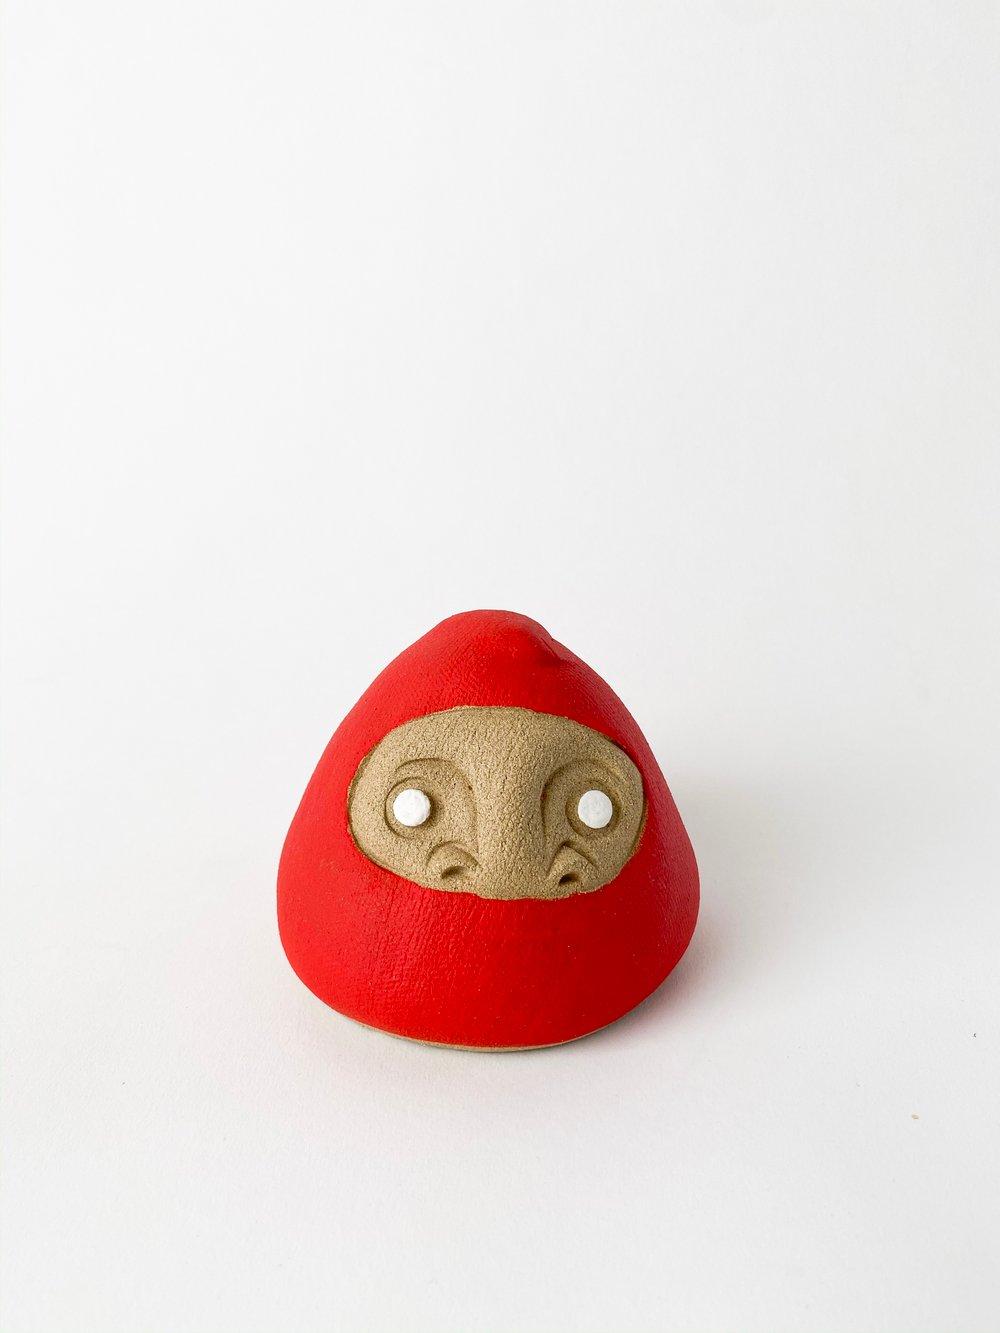 Image of Daruma Wishing Doll - Large Matte Red